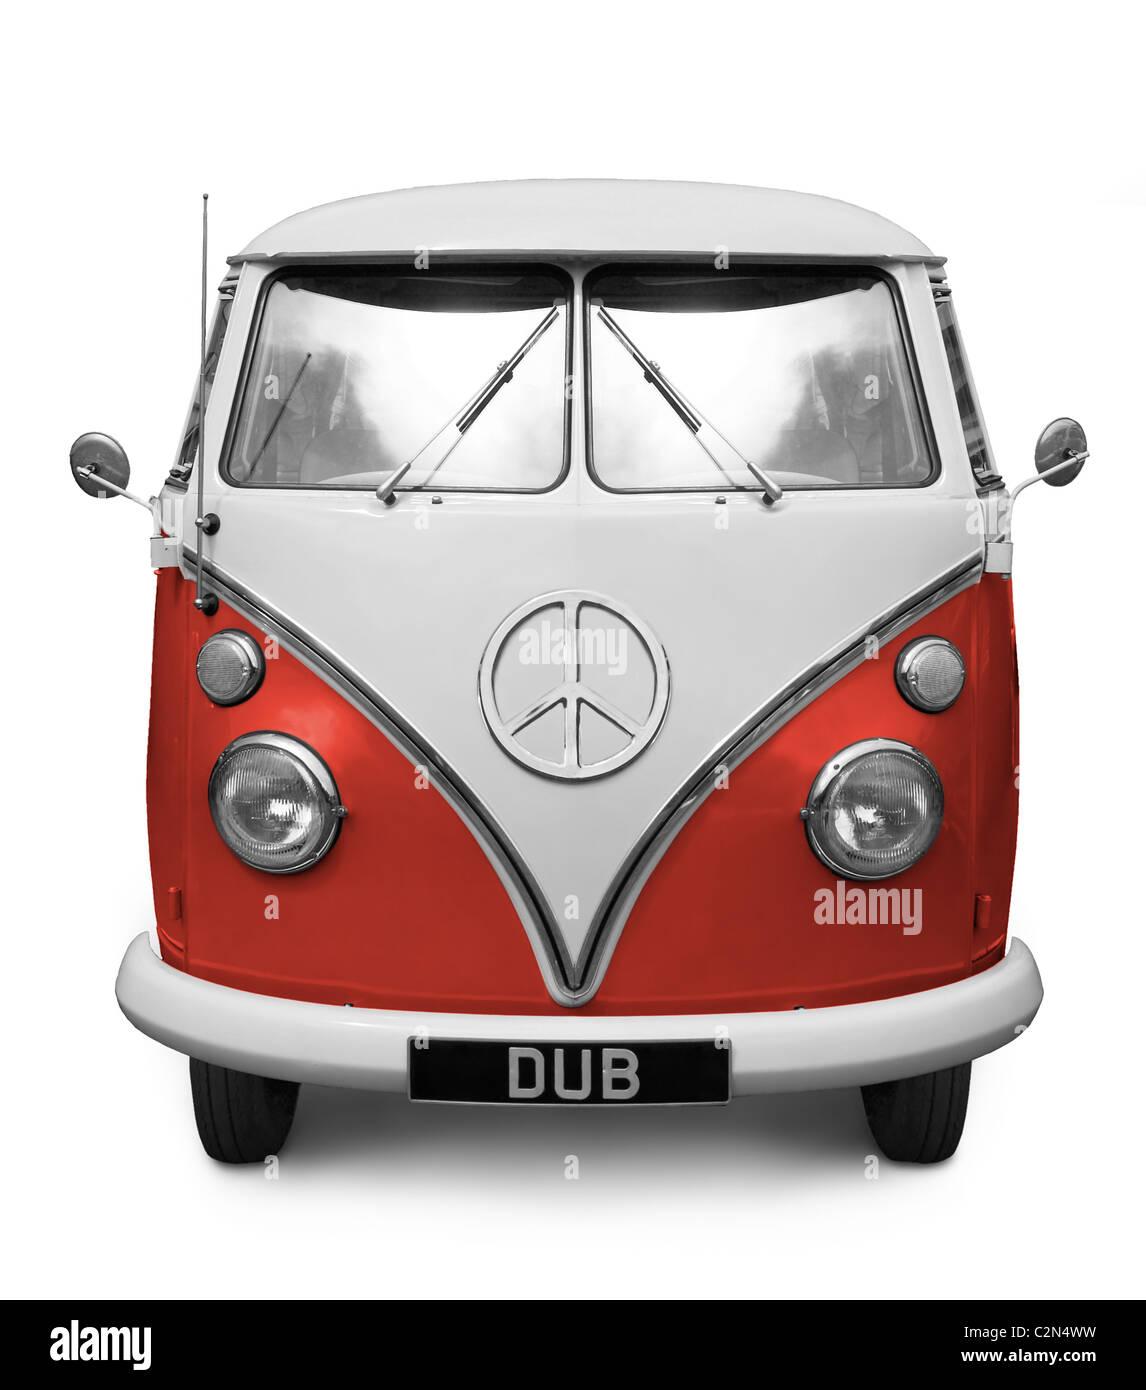 Icónica Autocaravana rojo con el símbolo de la CND en la parte delantera. (El color puede ser ajustado Imagen De Stock